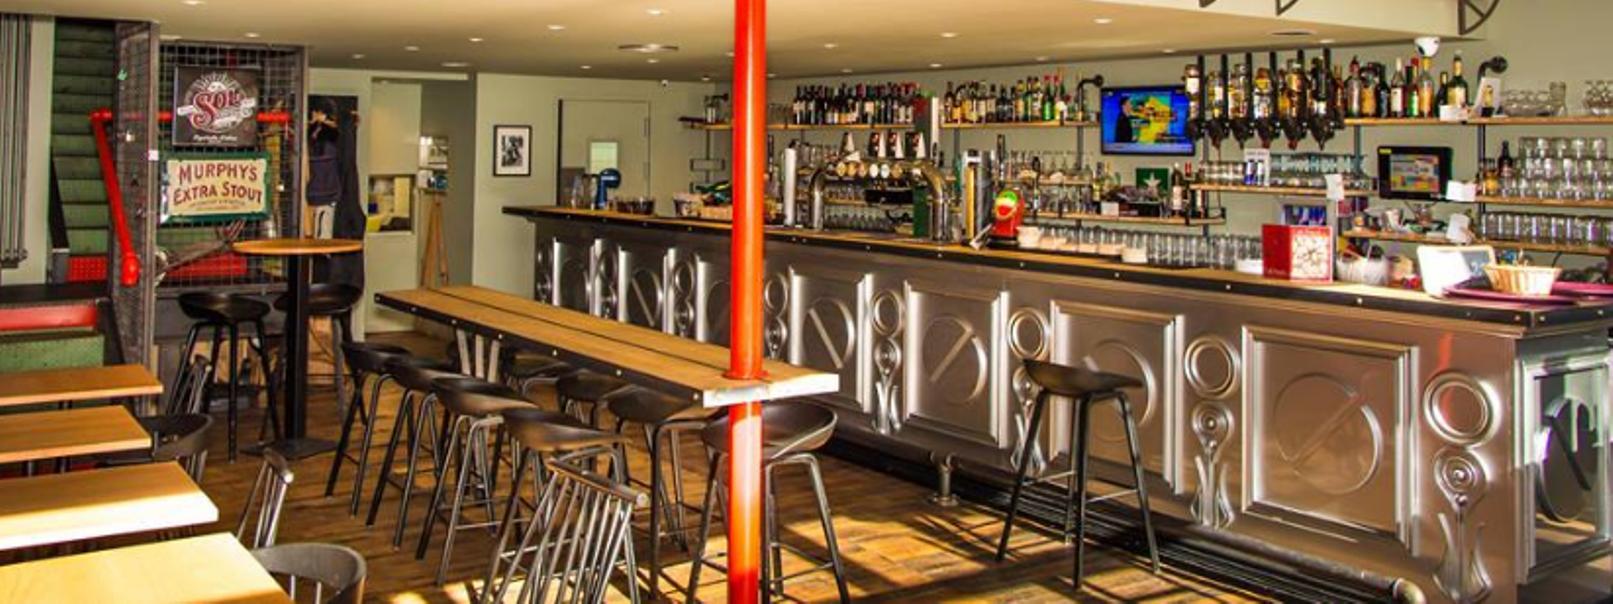 Bar terrasse clermont ferrand